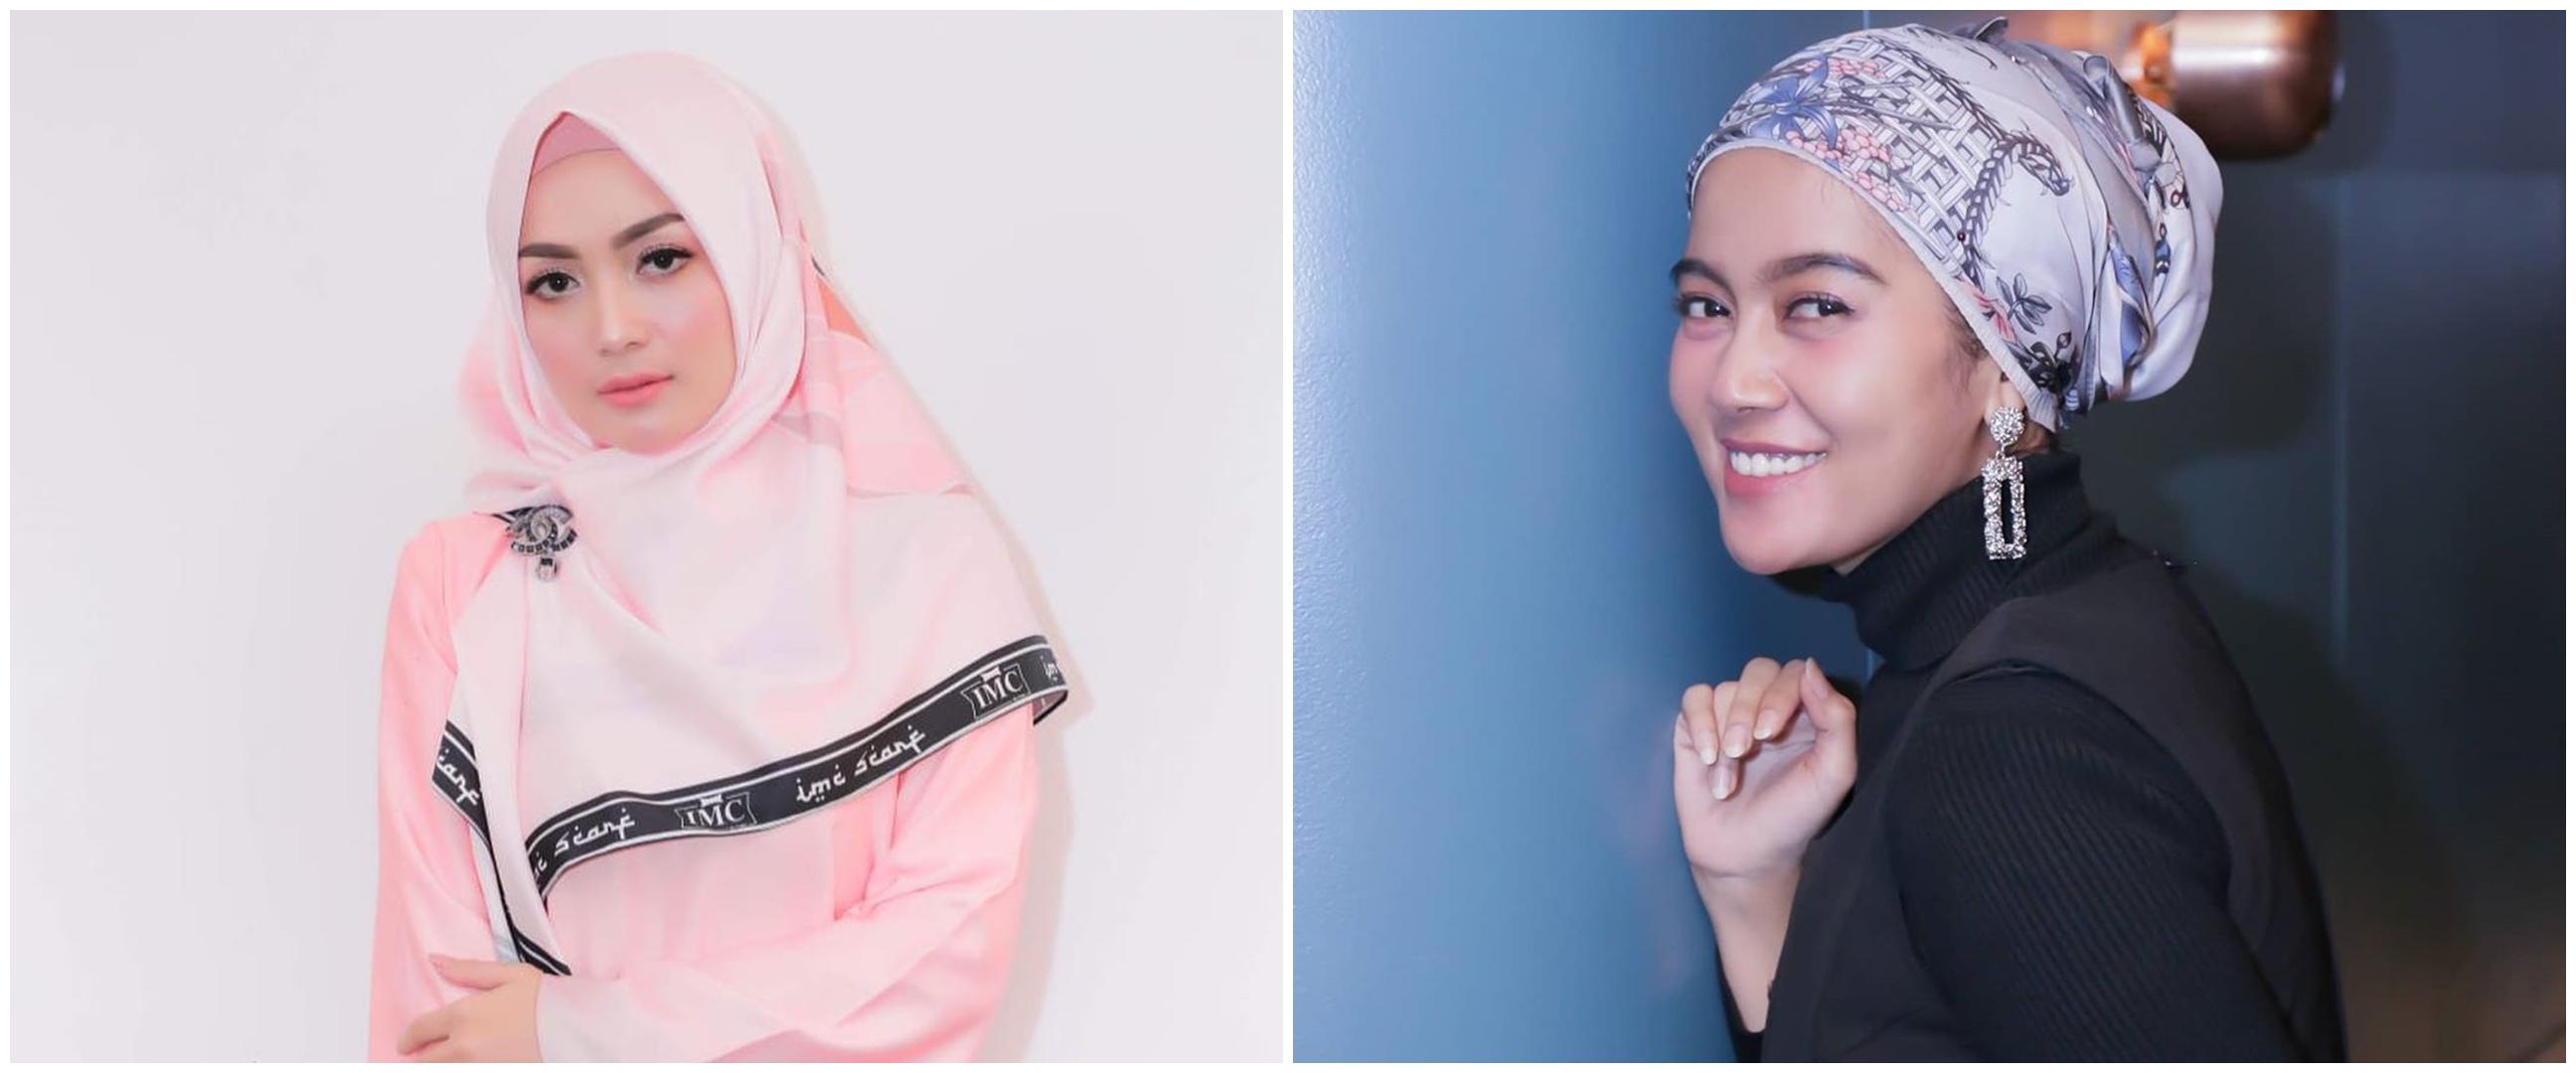 Lama tak terlihat, ini kabar terbaru 7 artis cantik FTV Indosiar